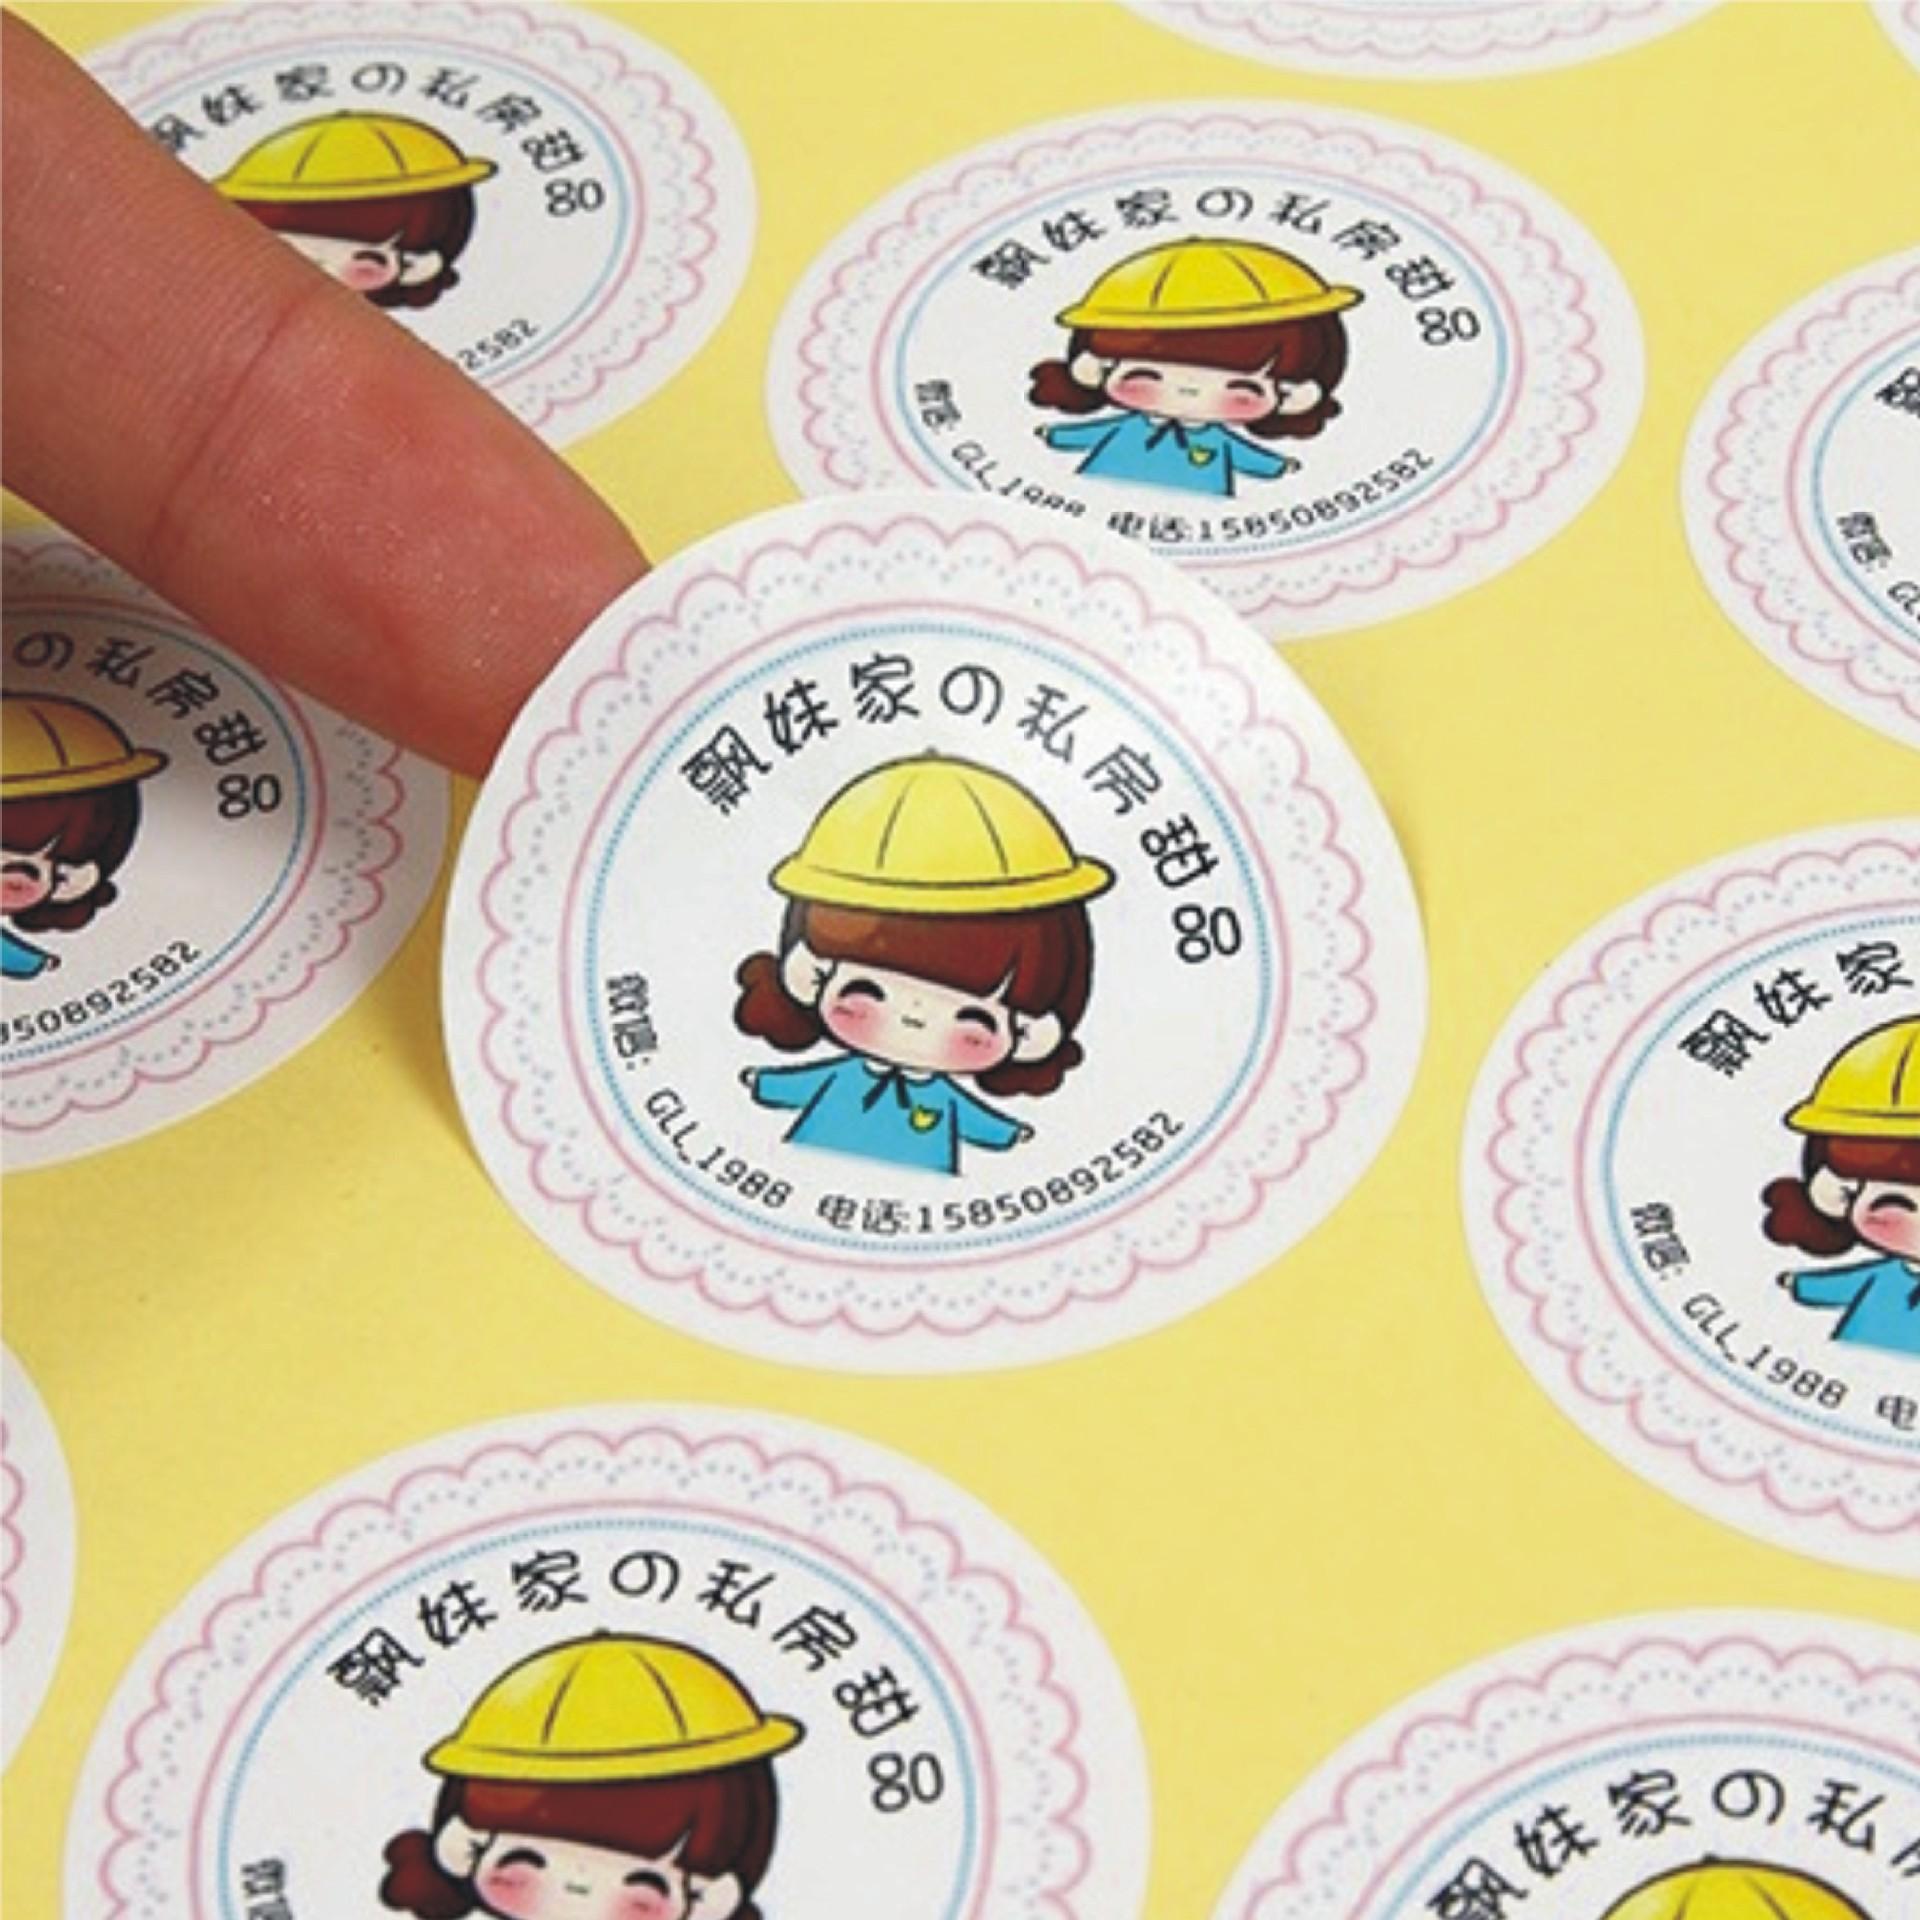 XINGYIDA Tem dán in mã vạch Dán PVC tự dính tùy chỉnh, in tự dính, nhãn tự dính, dán màu trong suốt